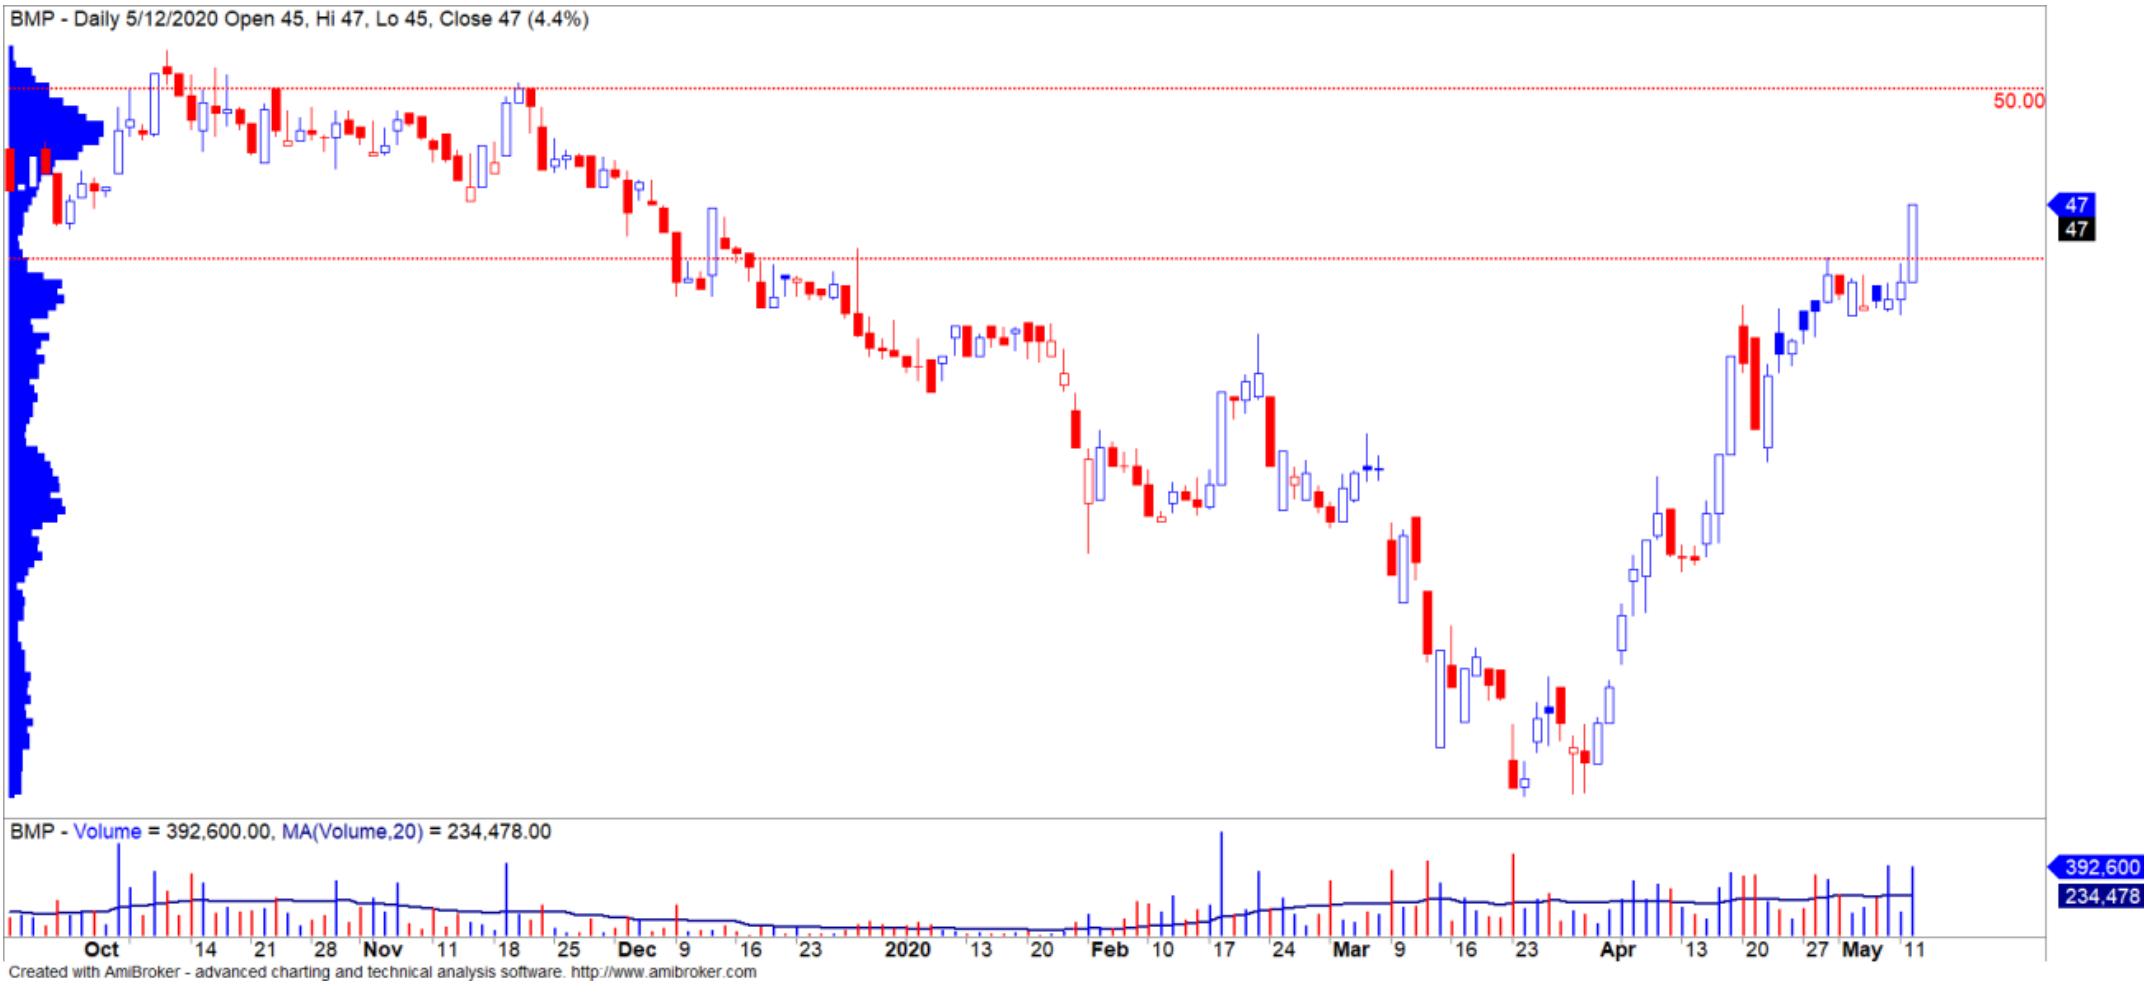 Cổ phiếu tâm điểm ngày 14/5: DWG, VNM, BMP, HBC - Ảnh 5.